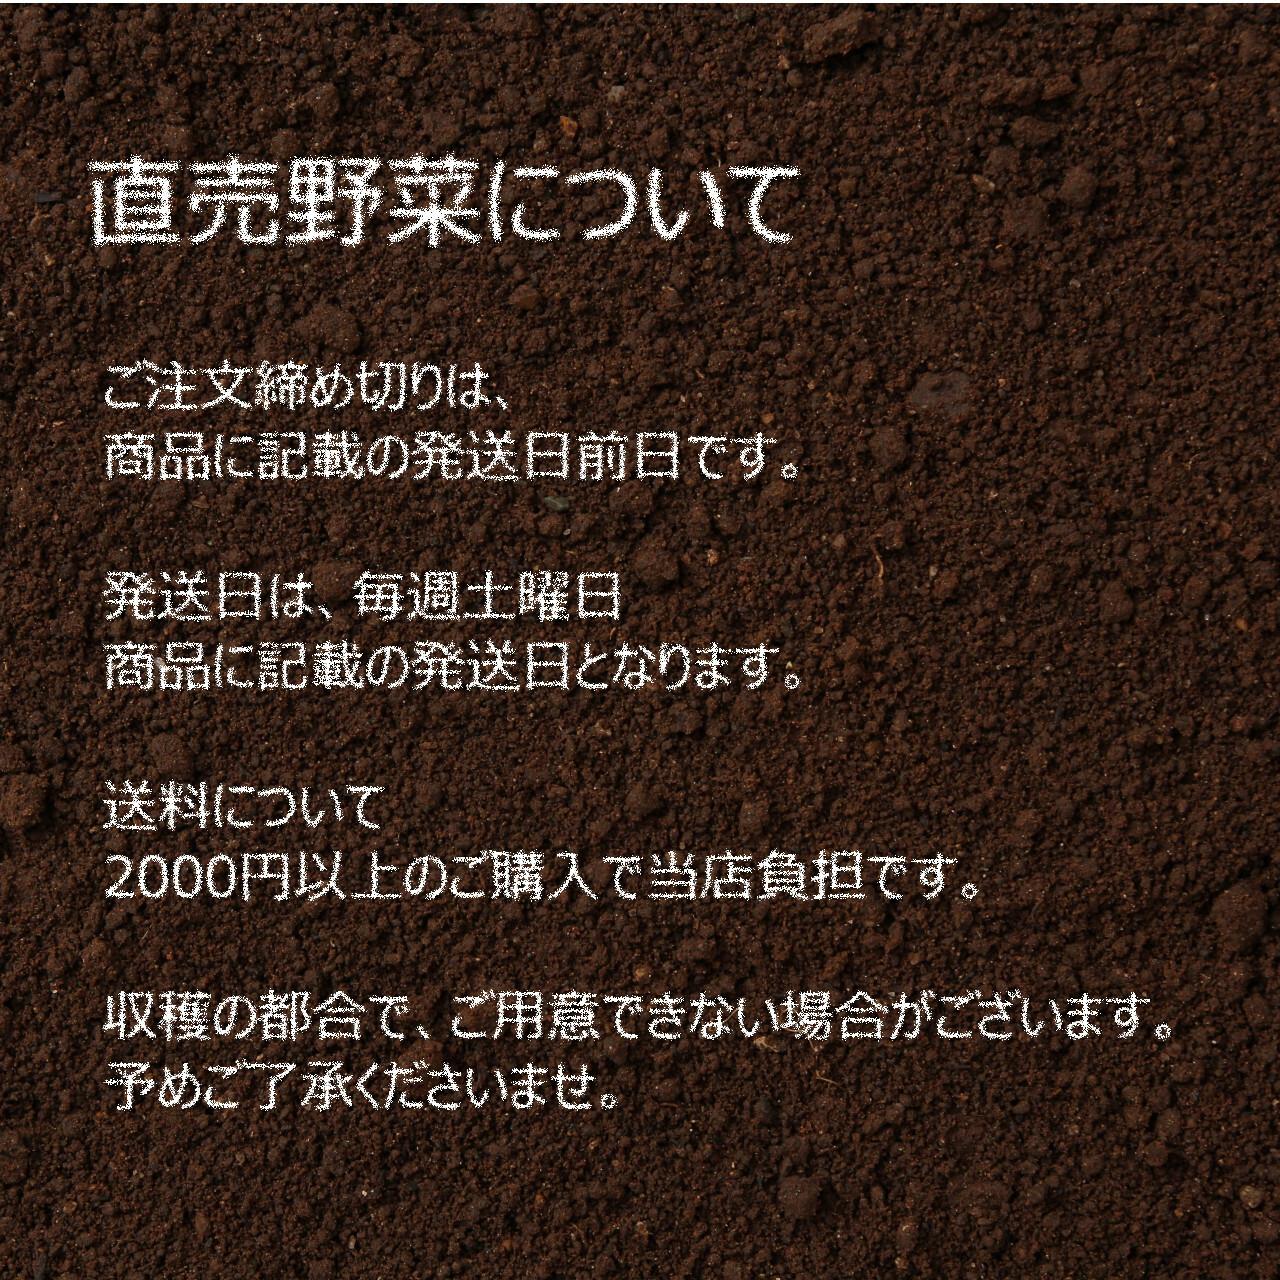 新鮮な秋野菜  : ブロッコリー 約 1個 9月の朝採り直売野菜 9月26日発送予定